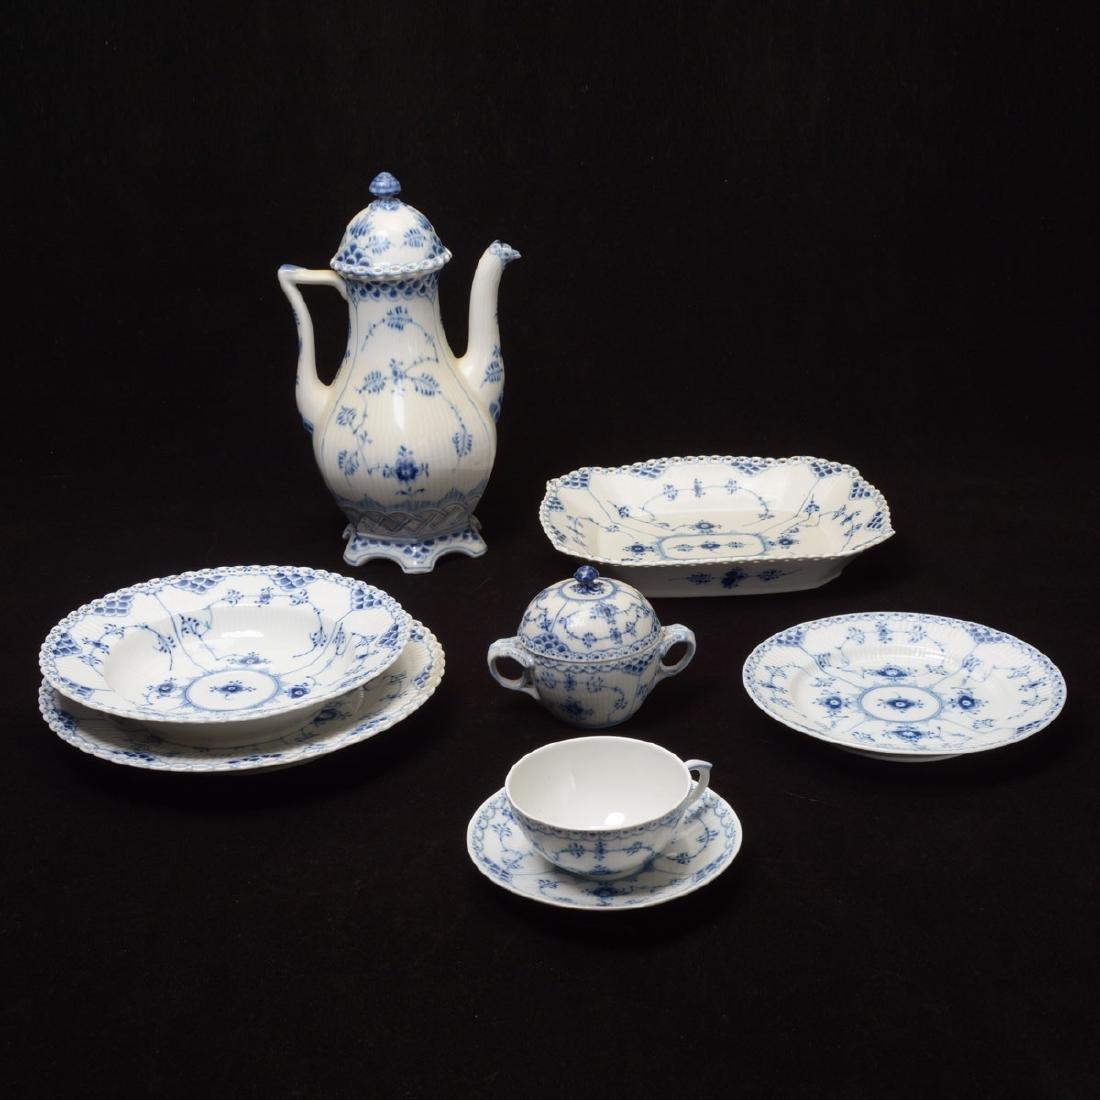 Royal Copenhagen Fluted Blue Lace China Set (31 Pieces)